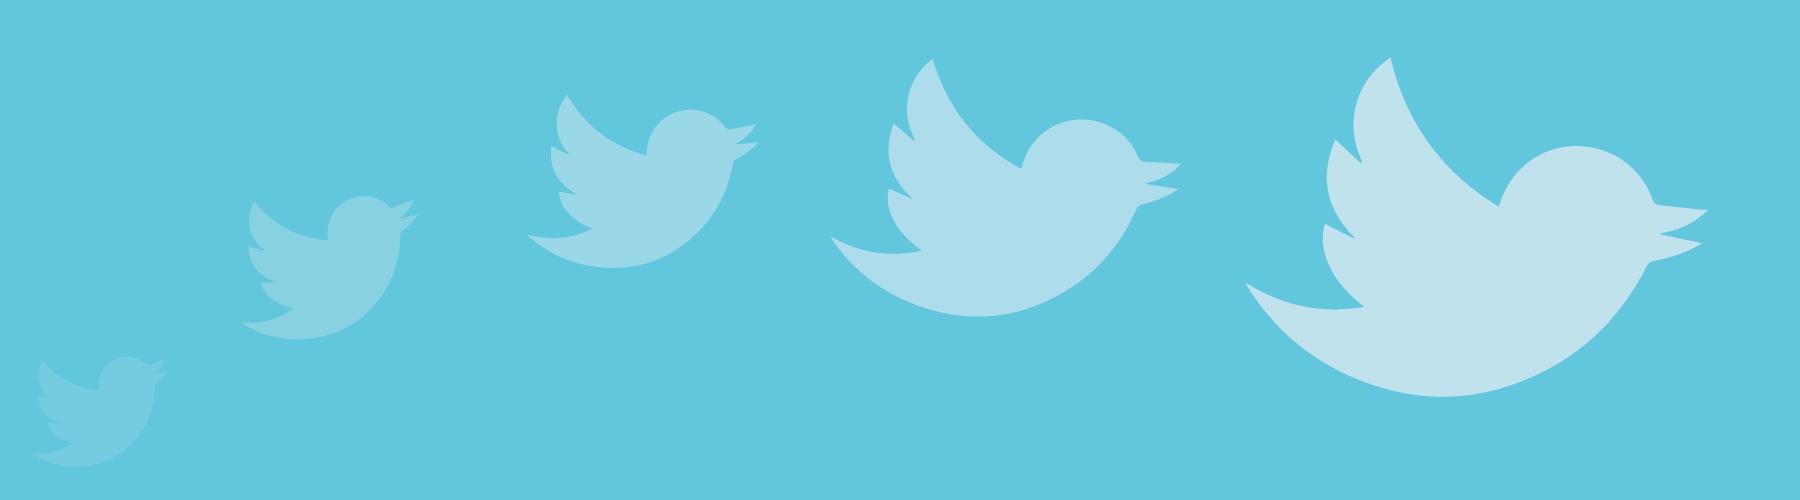 twitter amazing women on twitter